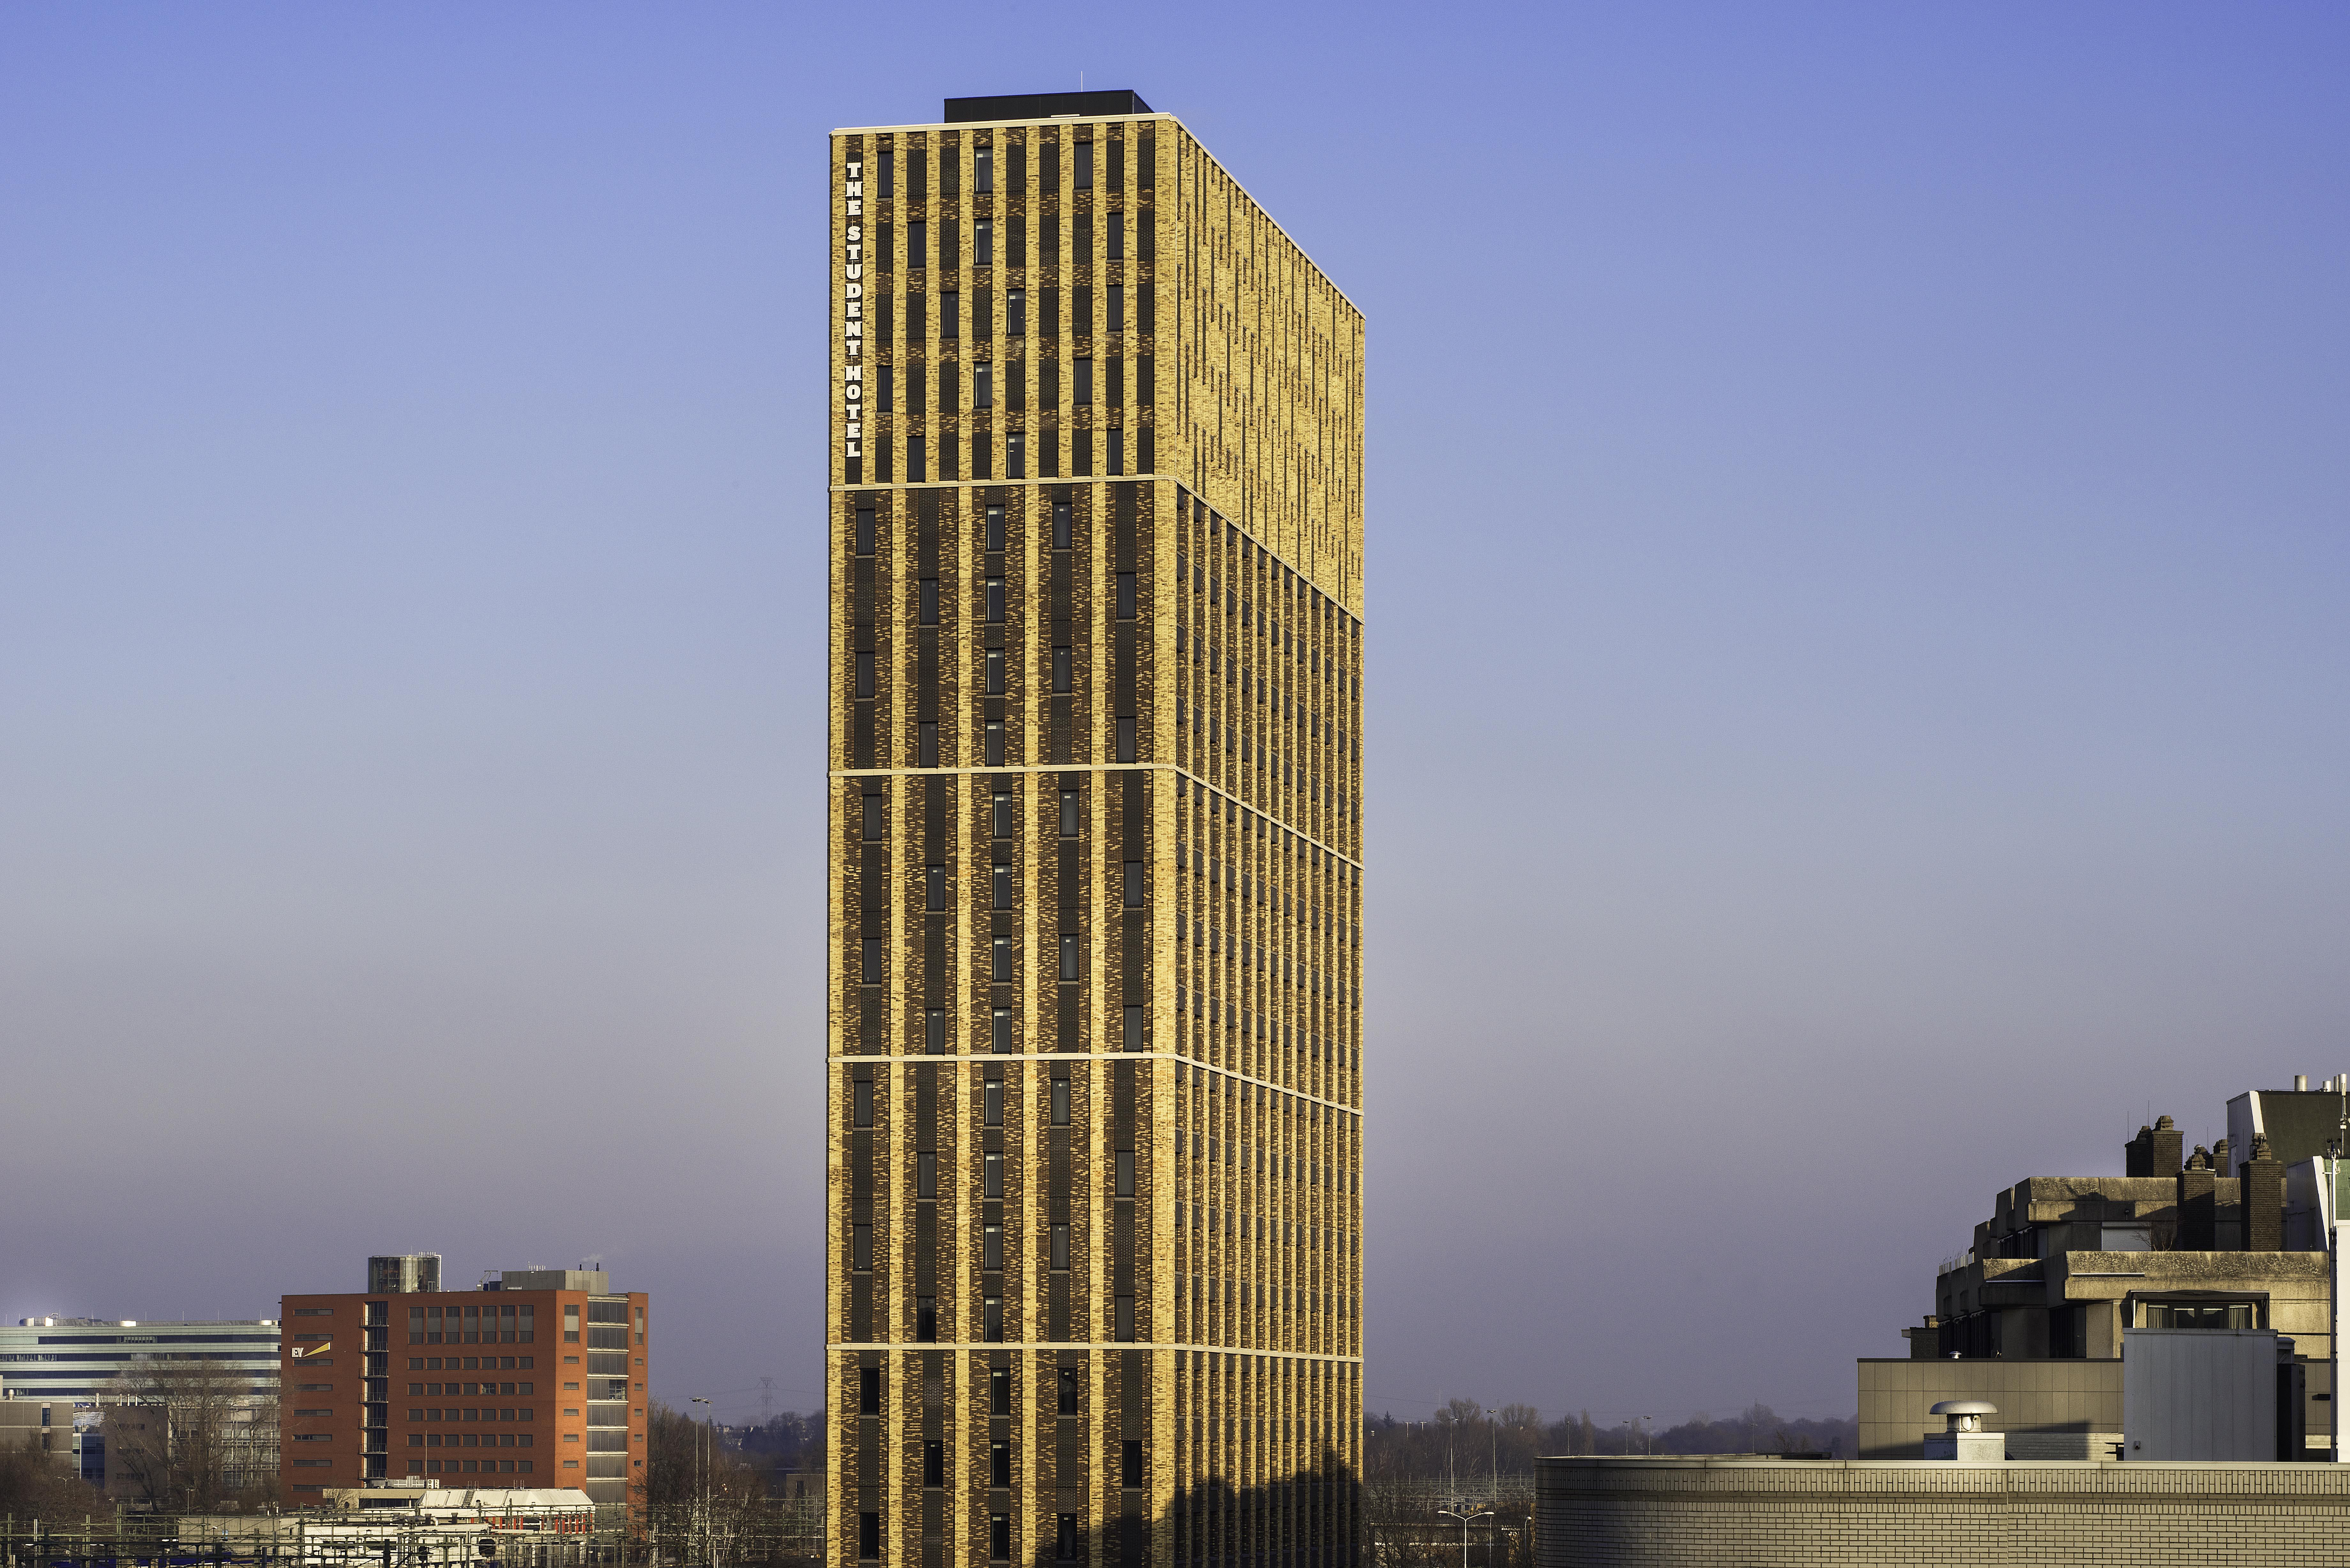 Arc17 architectuur the student hotel eindhoven oz i s m architekten cie de architect - Buro 13 architekten ...